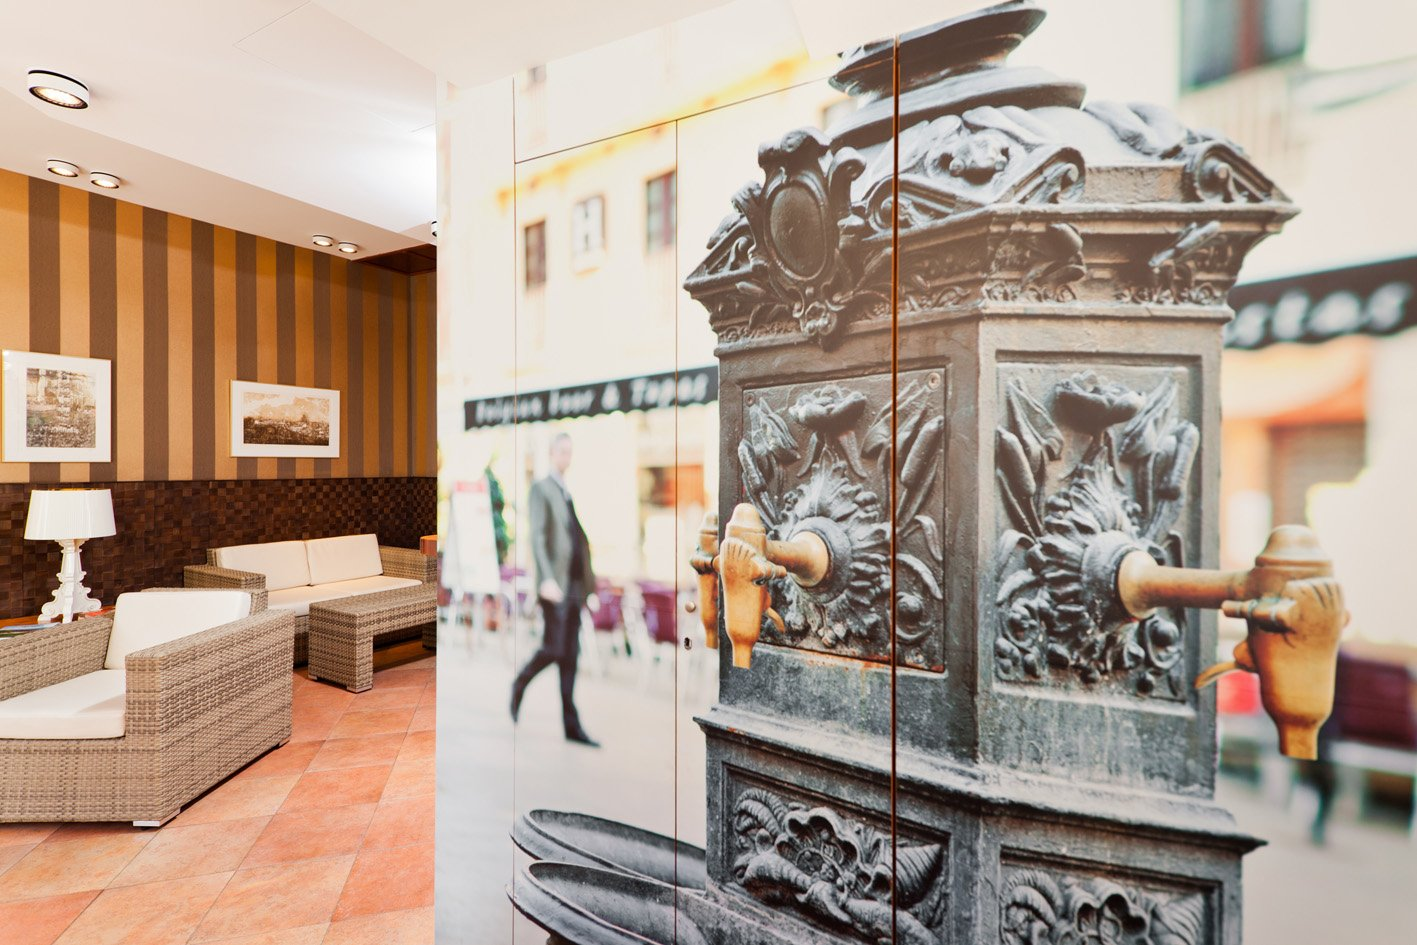 hotel_la_fontnombre_del_documento_19-4a4ed79c91ef02603f354892f1bd3bc1